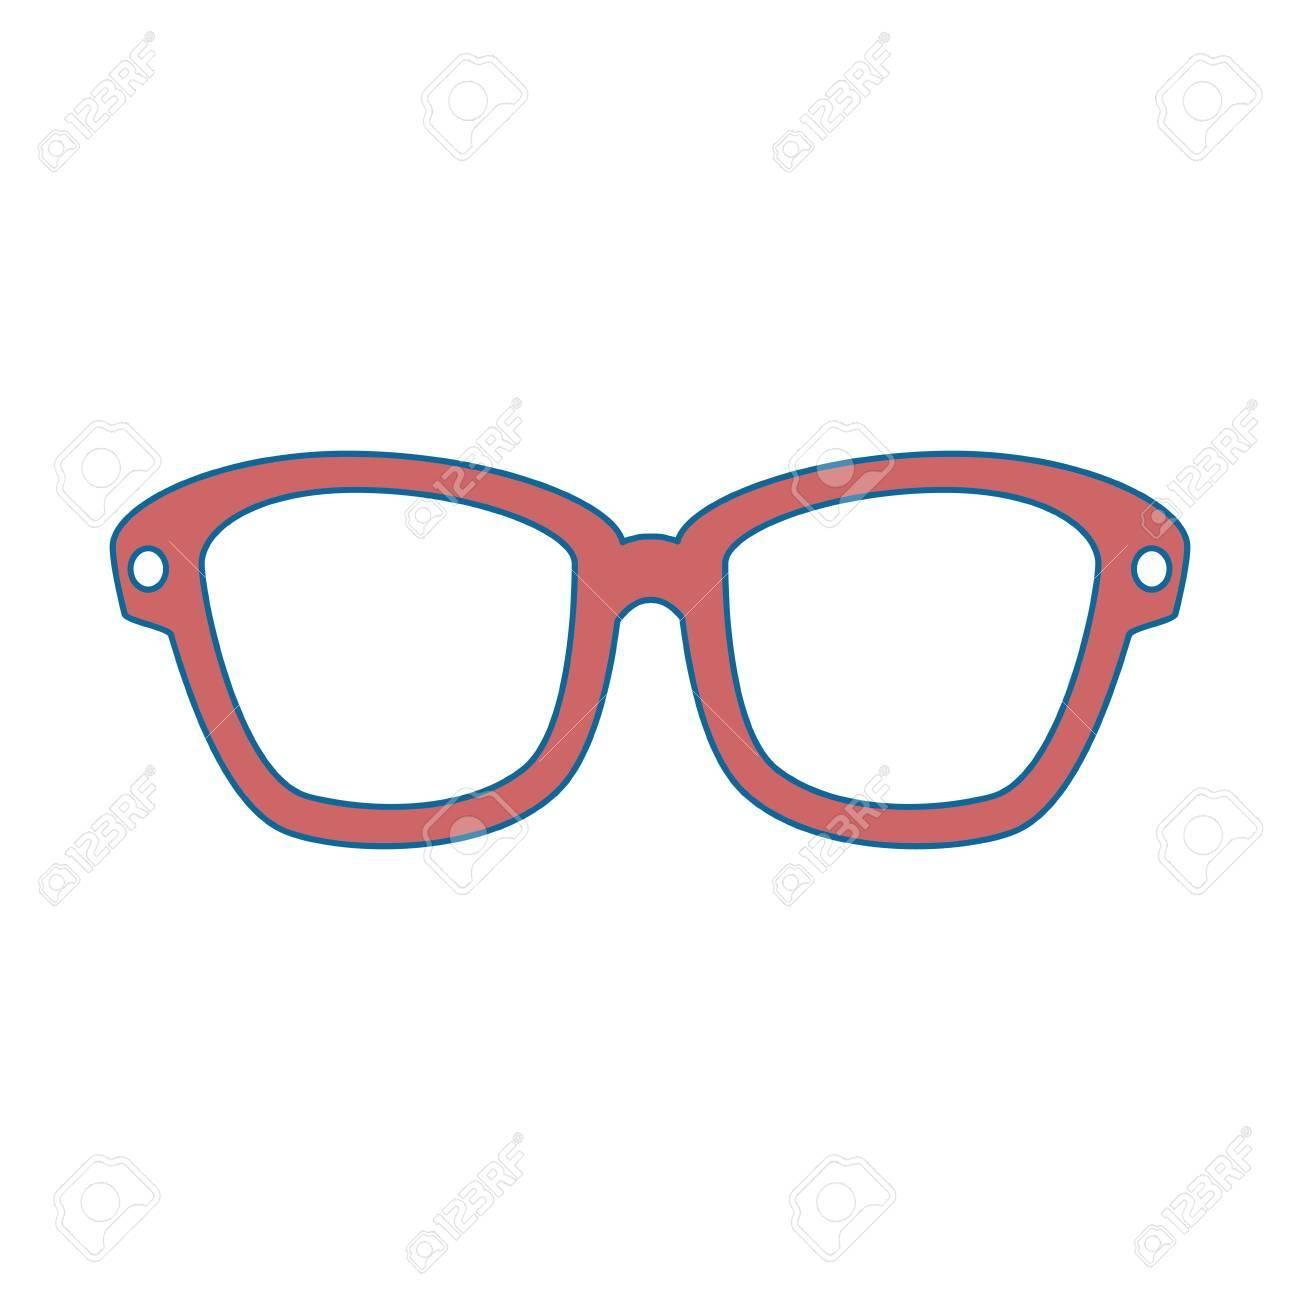 Dessin Lunettes De Soleil isolé lunettes de soleil dessin animé icône illustration vectorielle